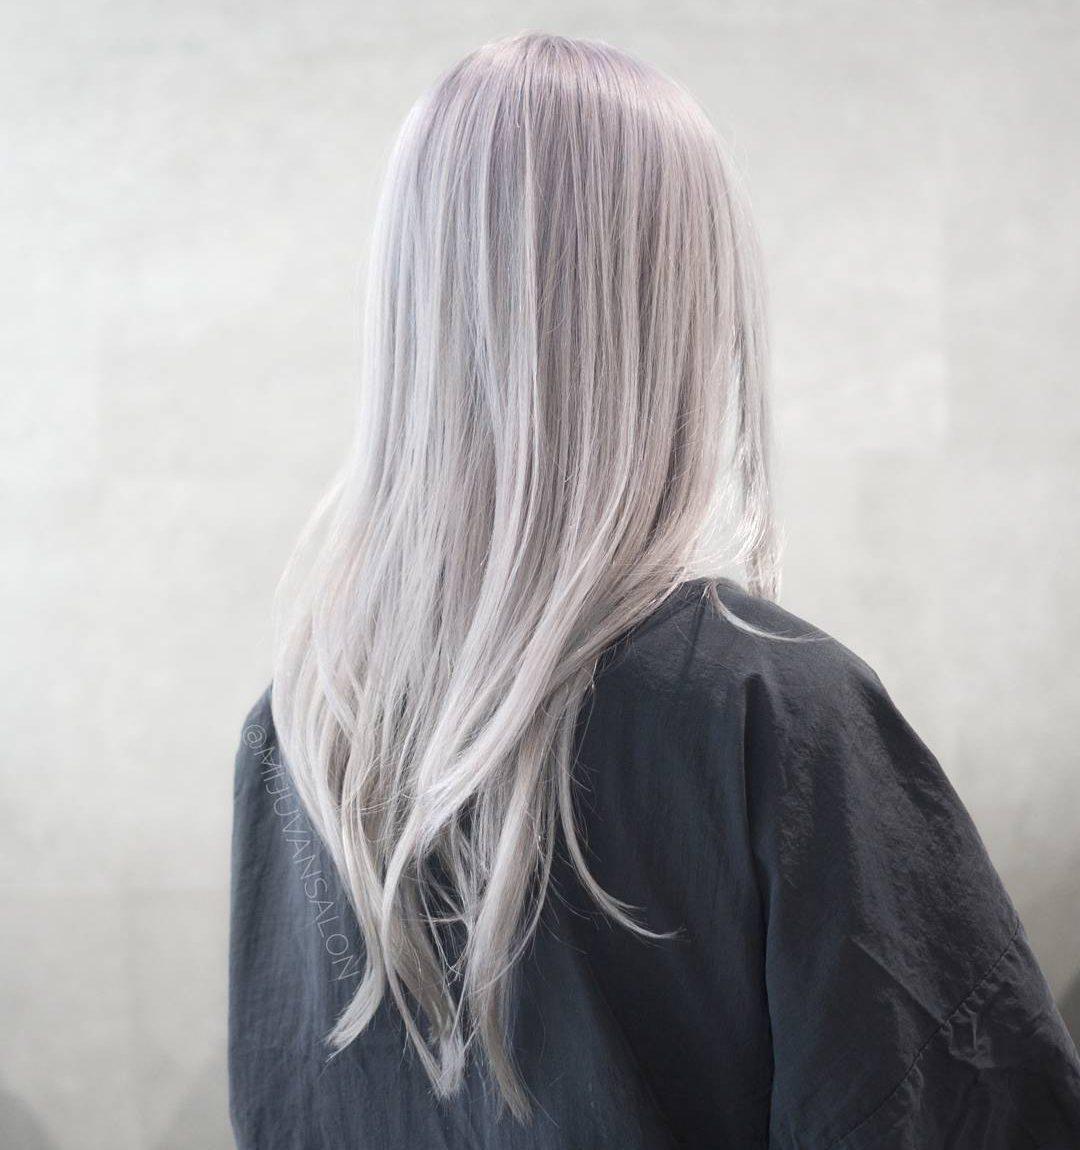 dearmiju-v-cut-hair